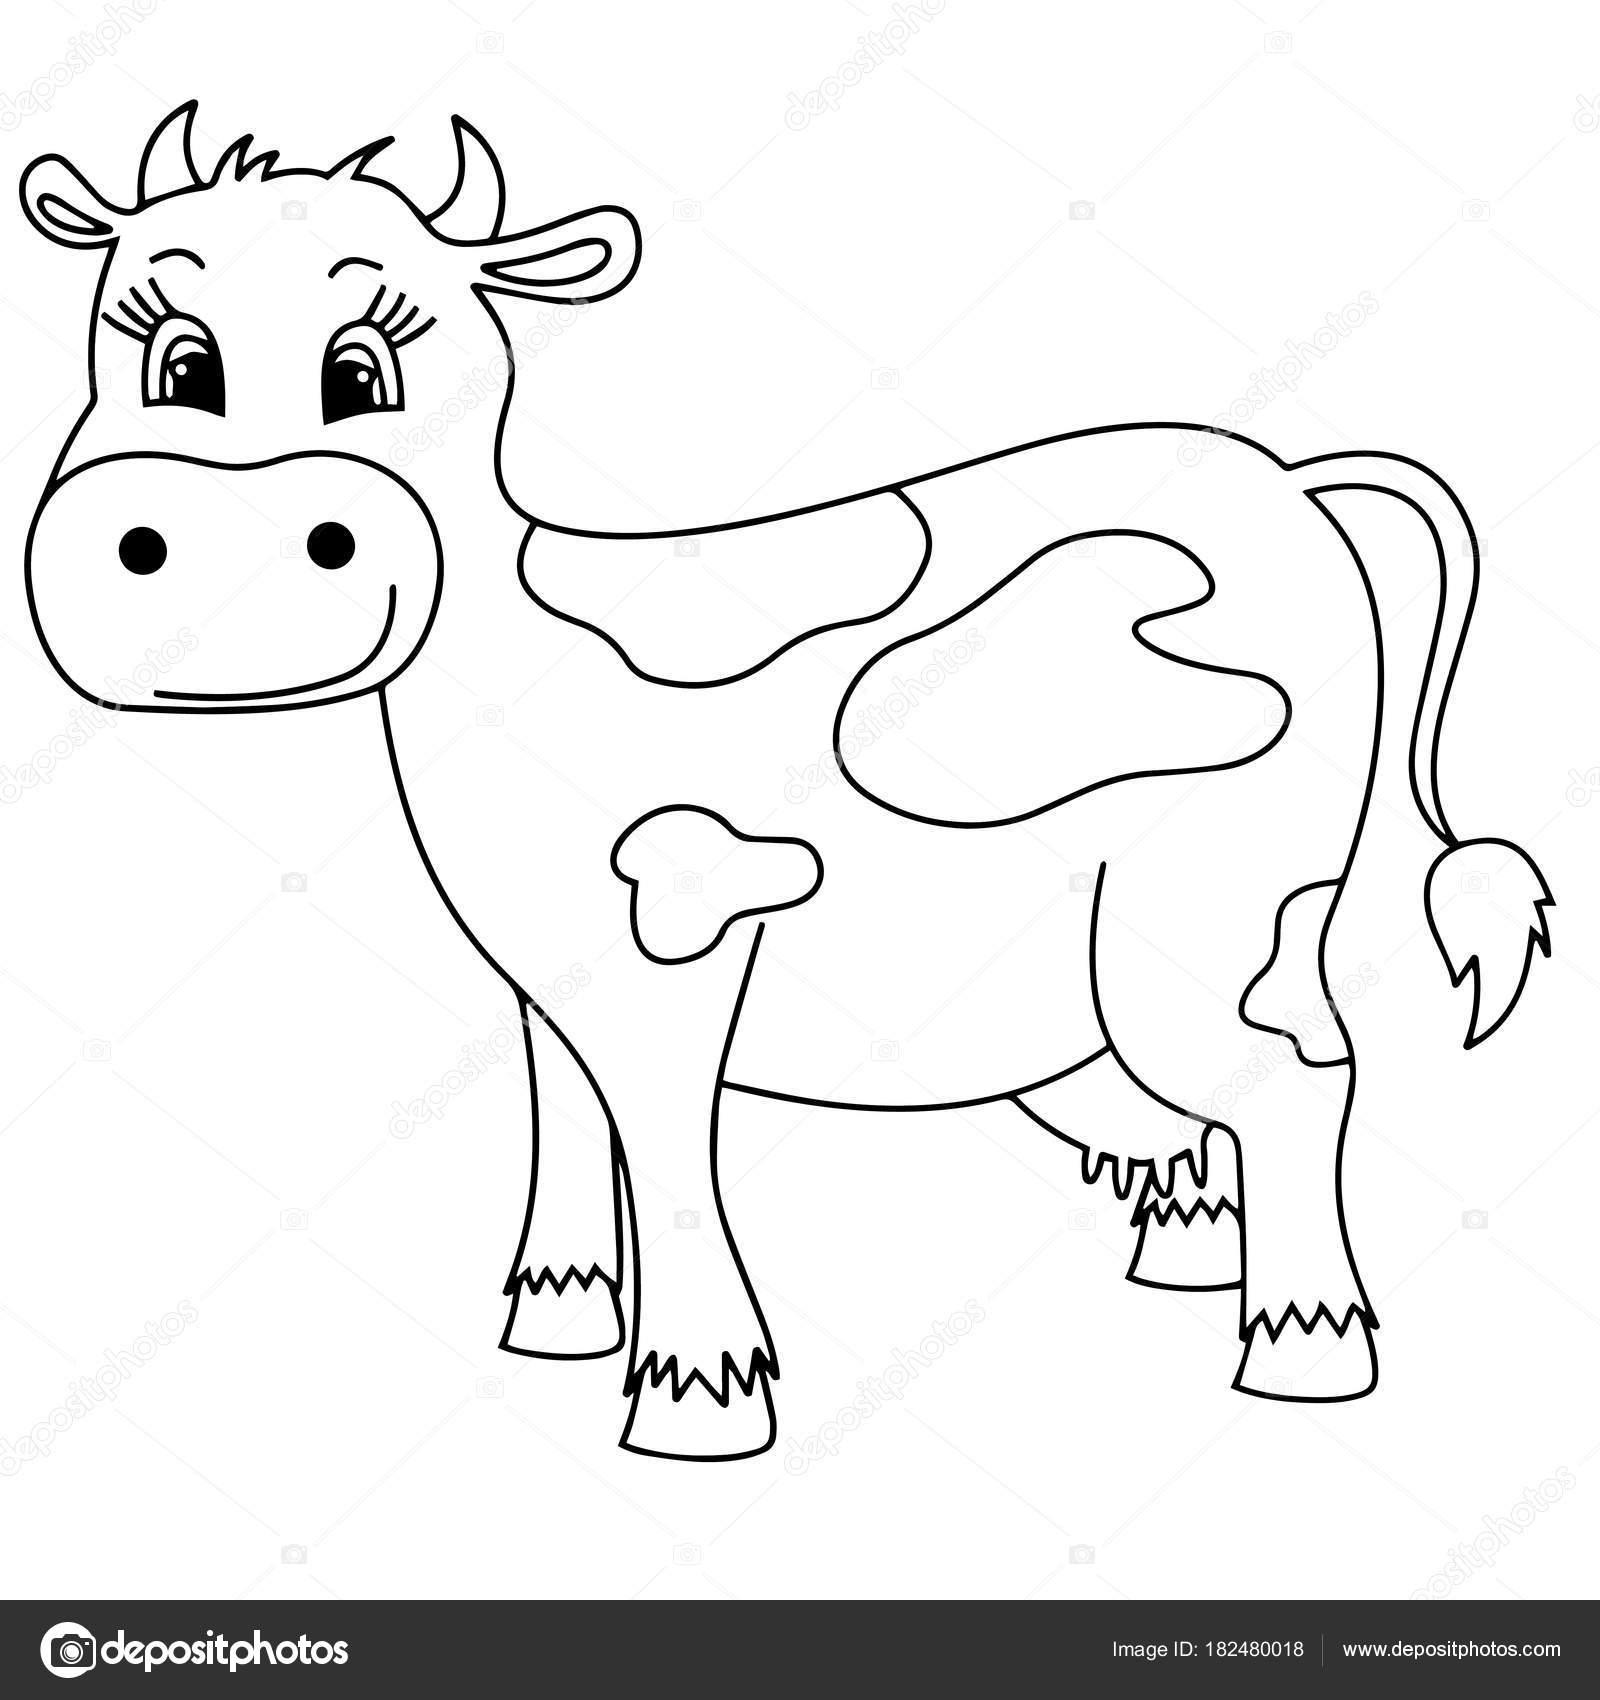 Imágenes Silueta Vacas Para Colorear Estampados Vaca Dibujos